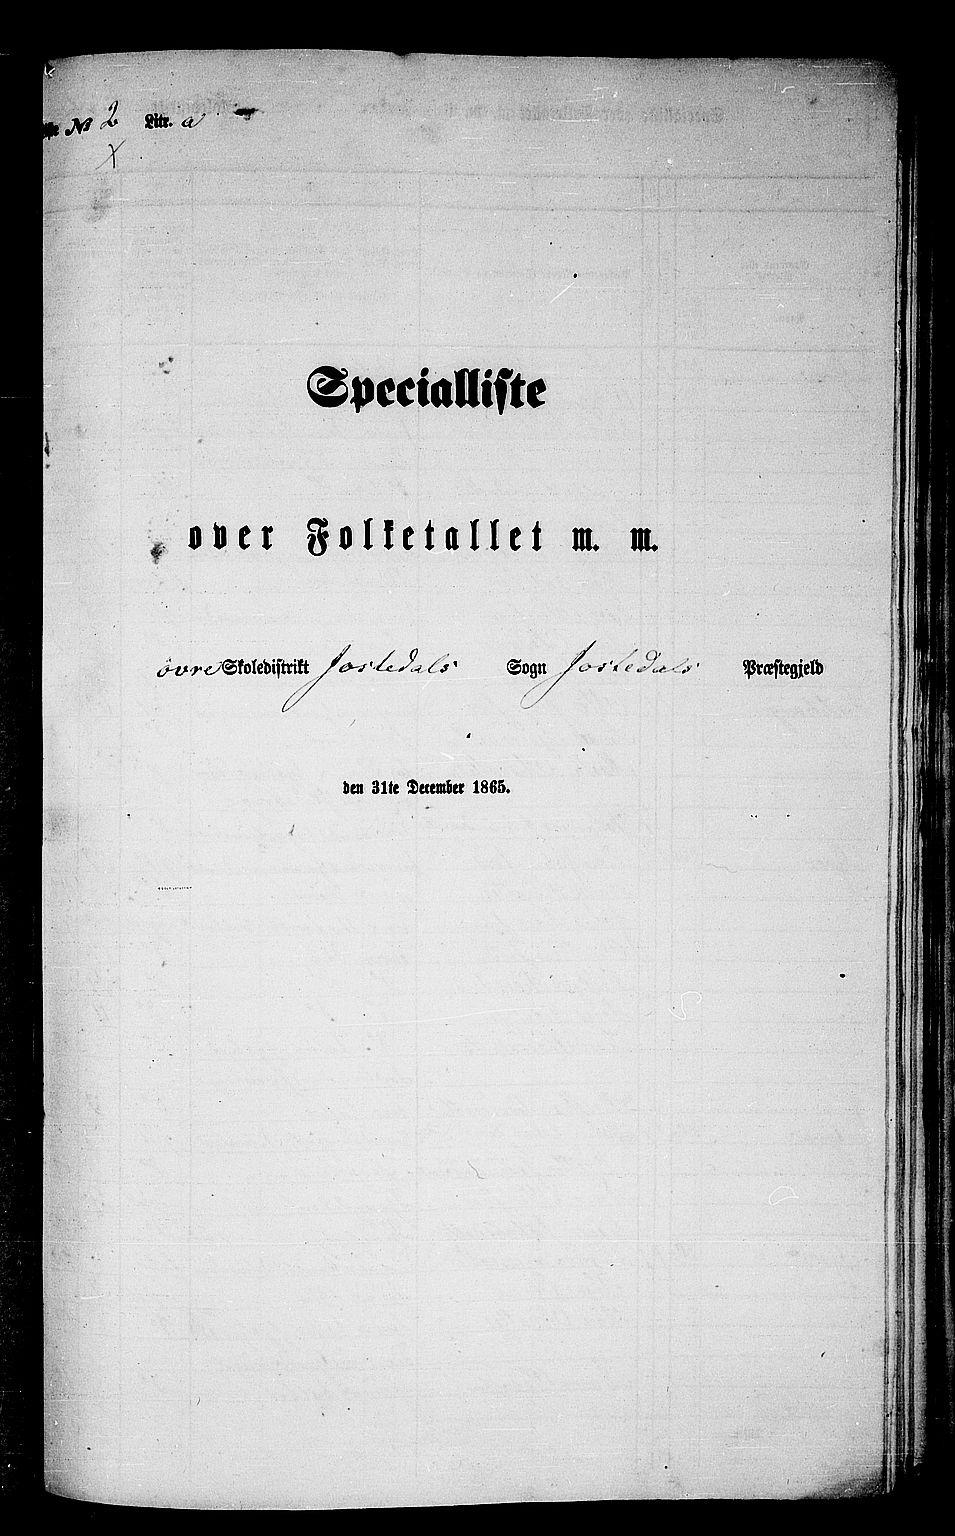 RA, Folketelling 1865 for 1427P Jostedal prestegjeld, 1865, s. 37